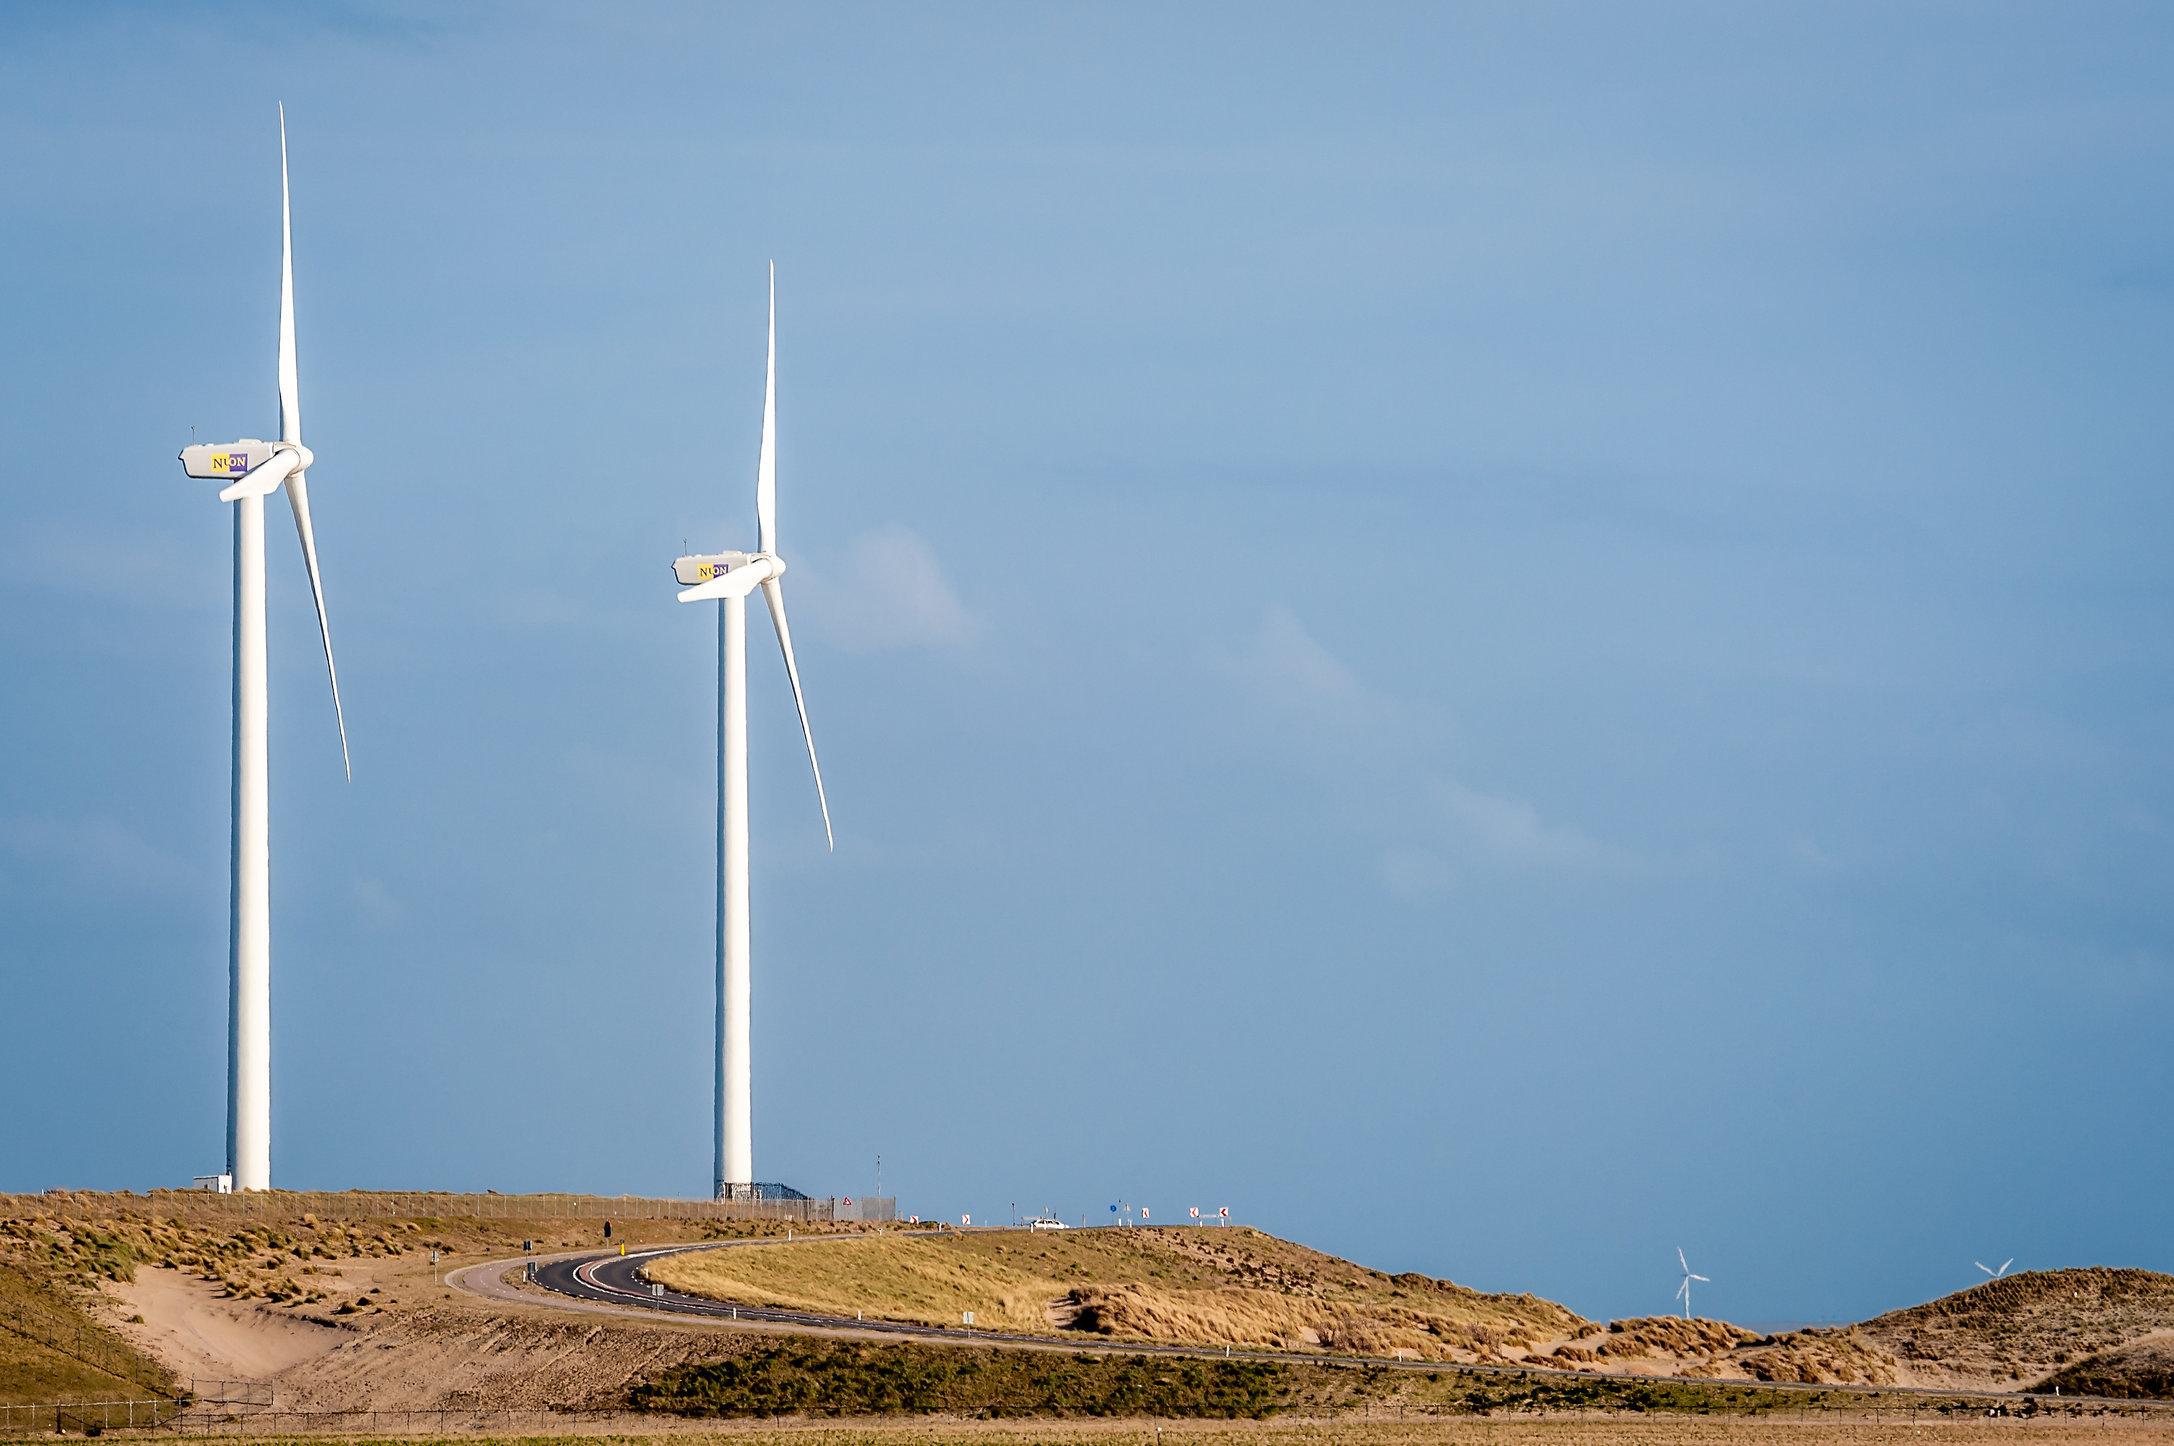 Windpark Nuon Tweede Maasvlakte